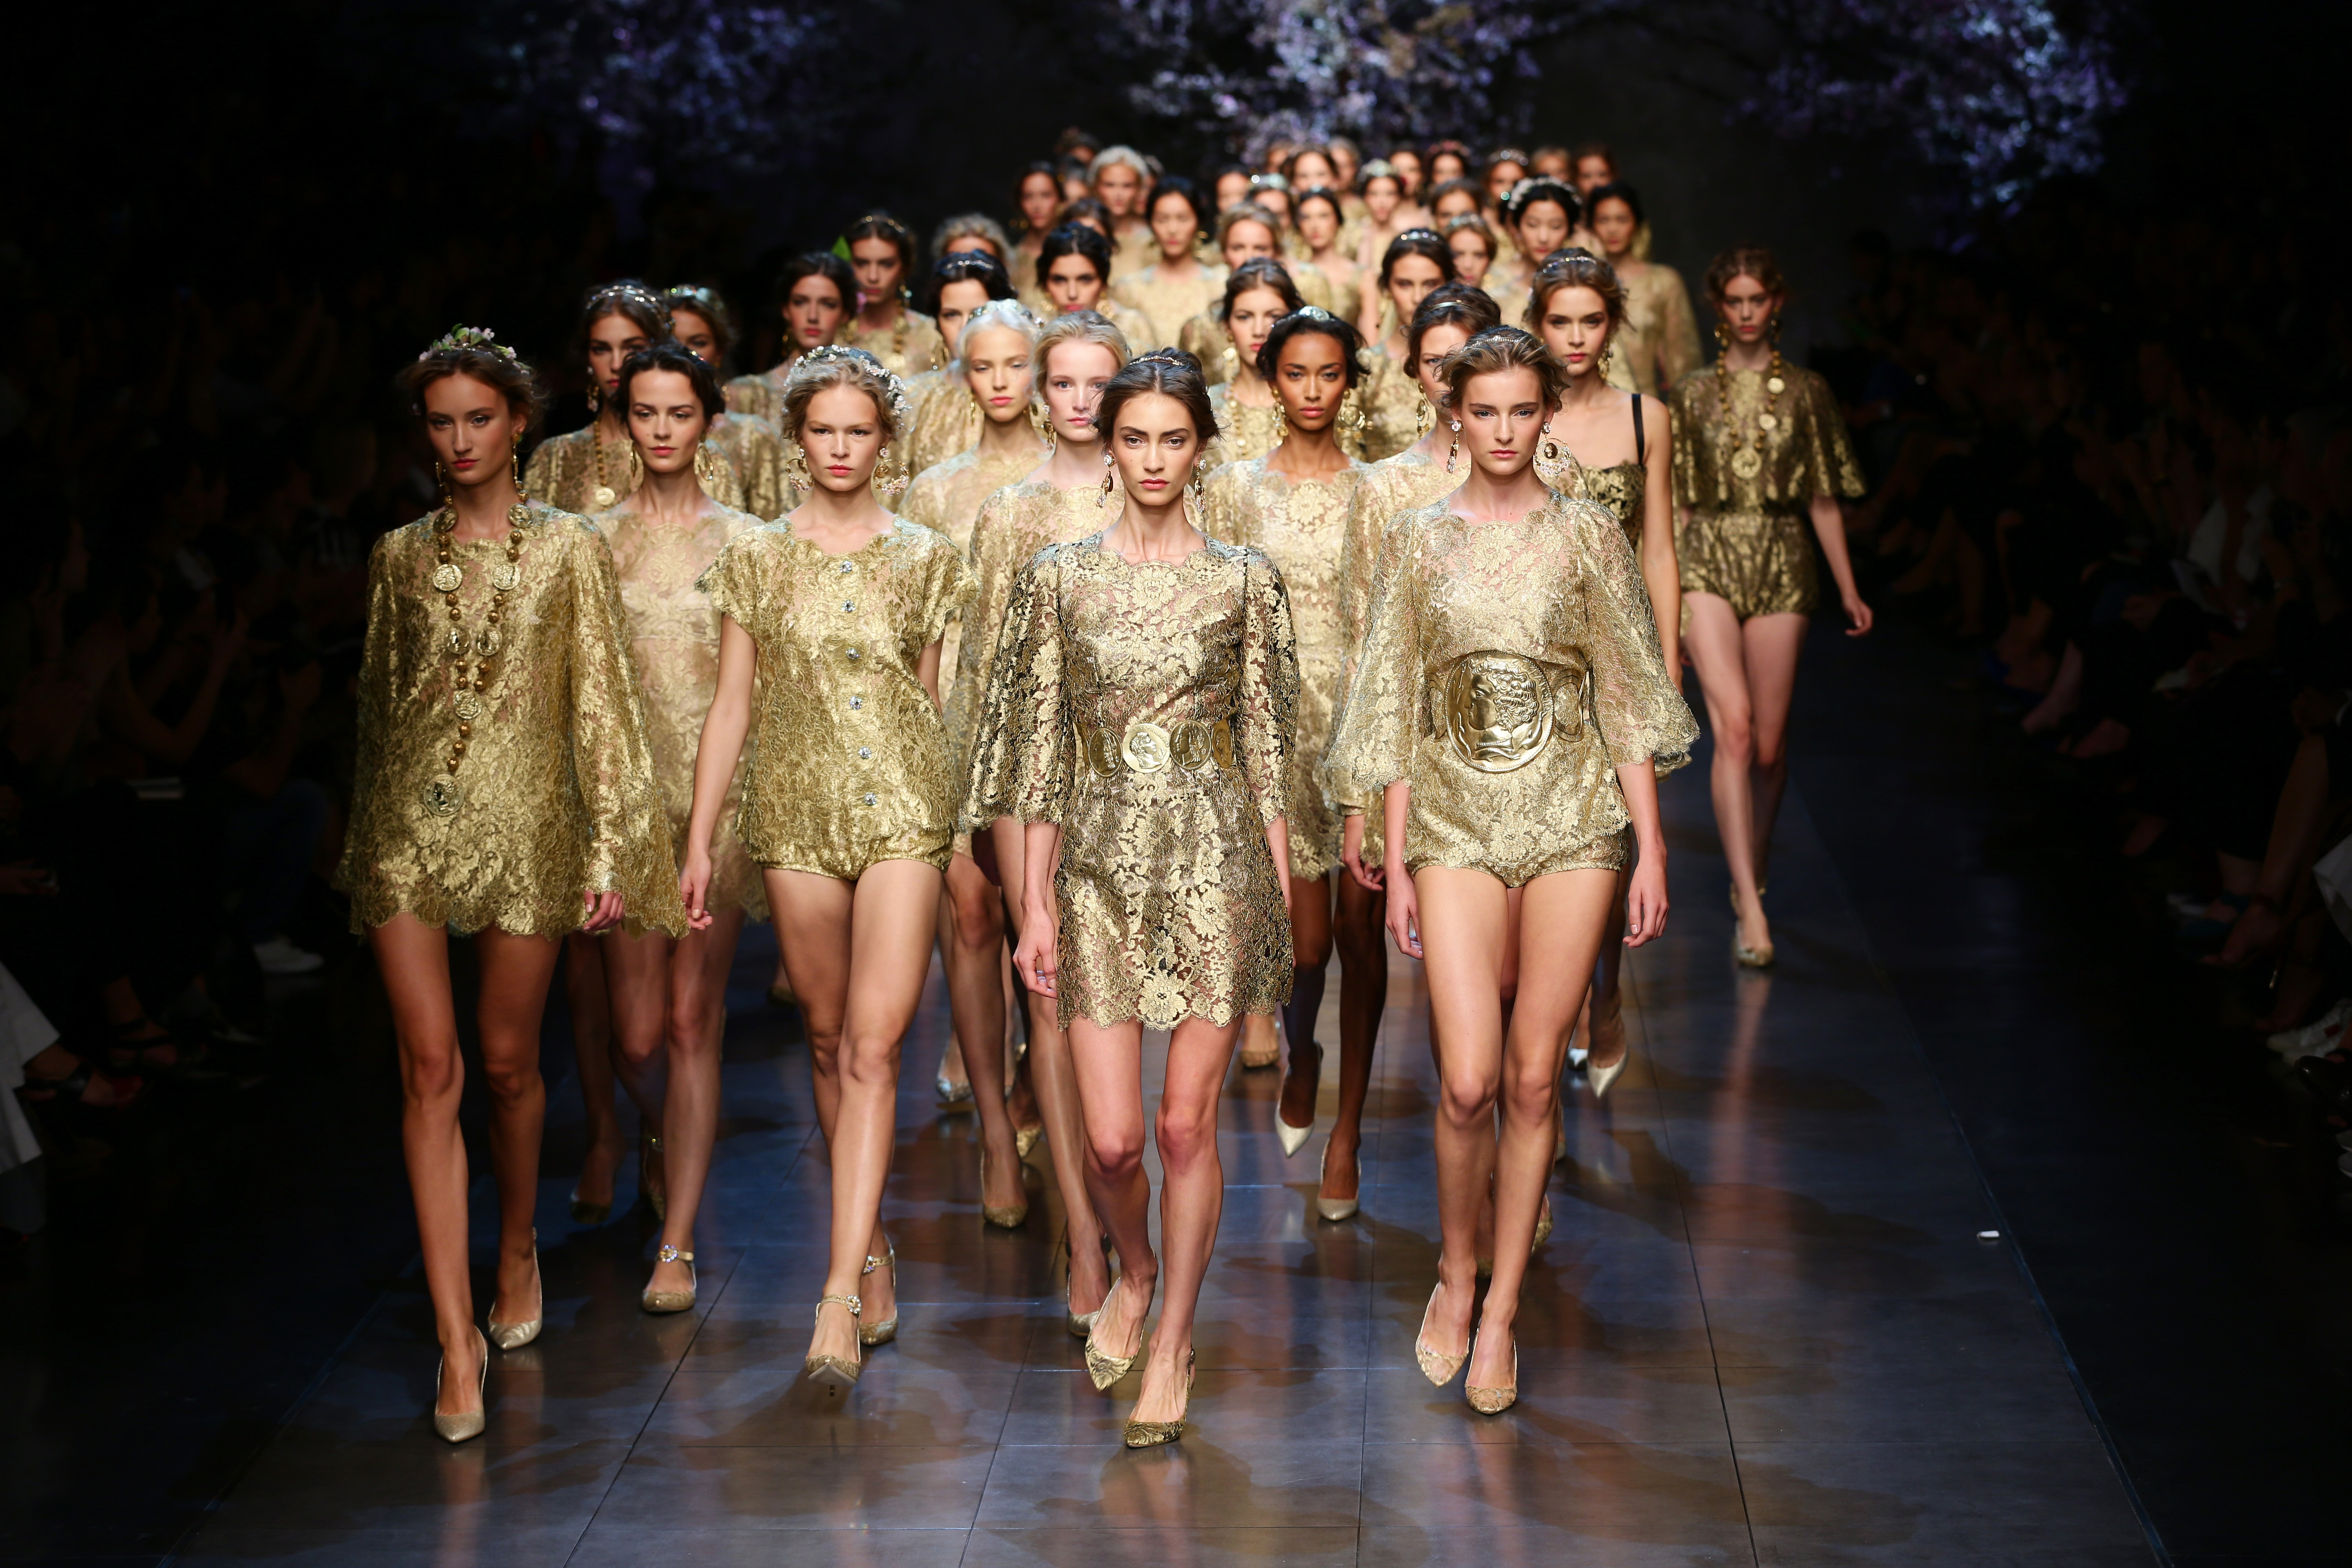 Dolce&Gabbana collezione P/E 2014: il grande spettacolo barocco (FOTO)